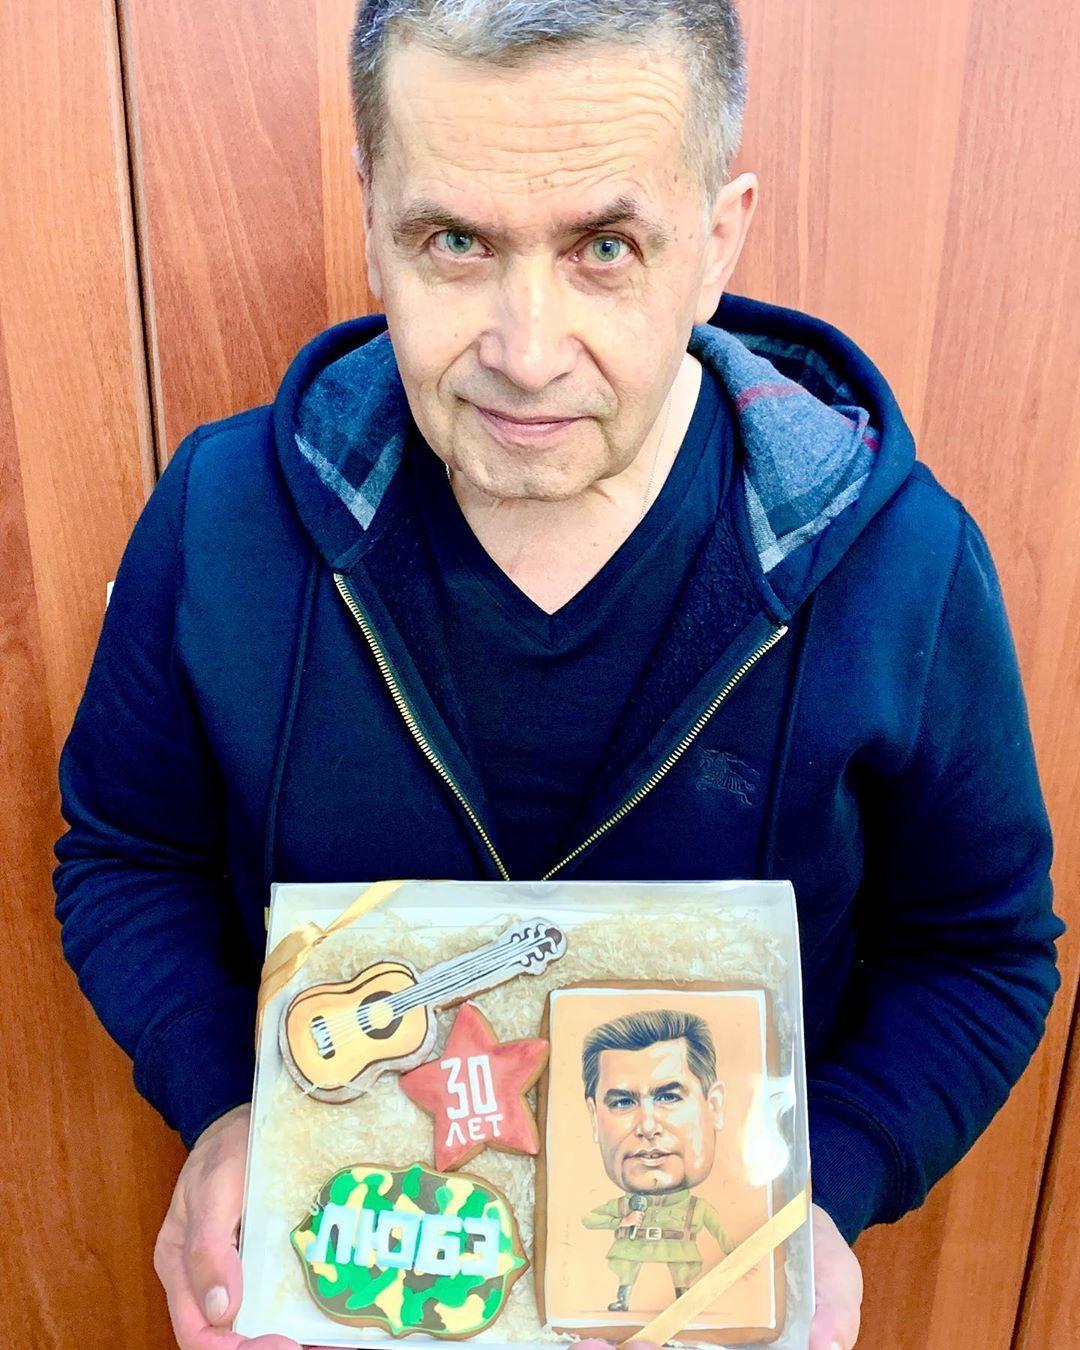 Николай Расторгуев трогательно поздравил маму с юбилеем